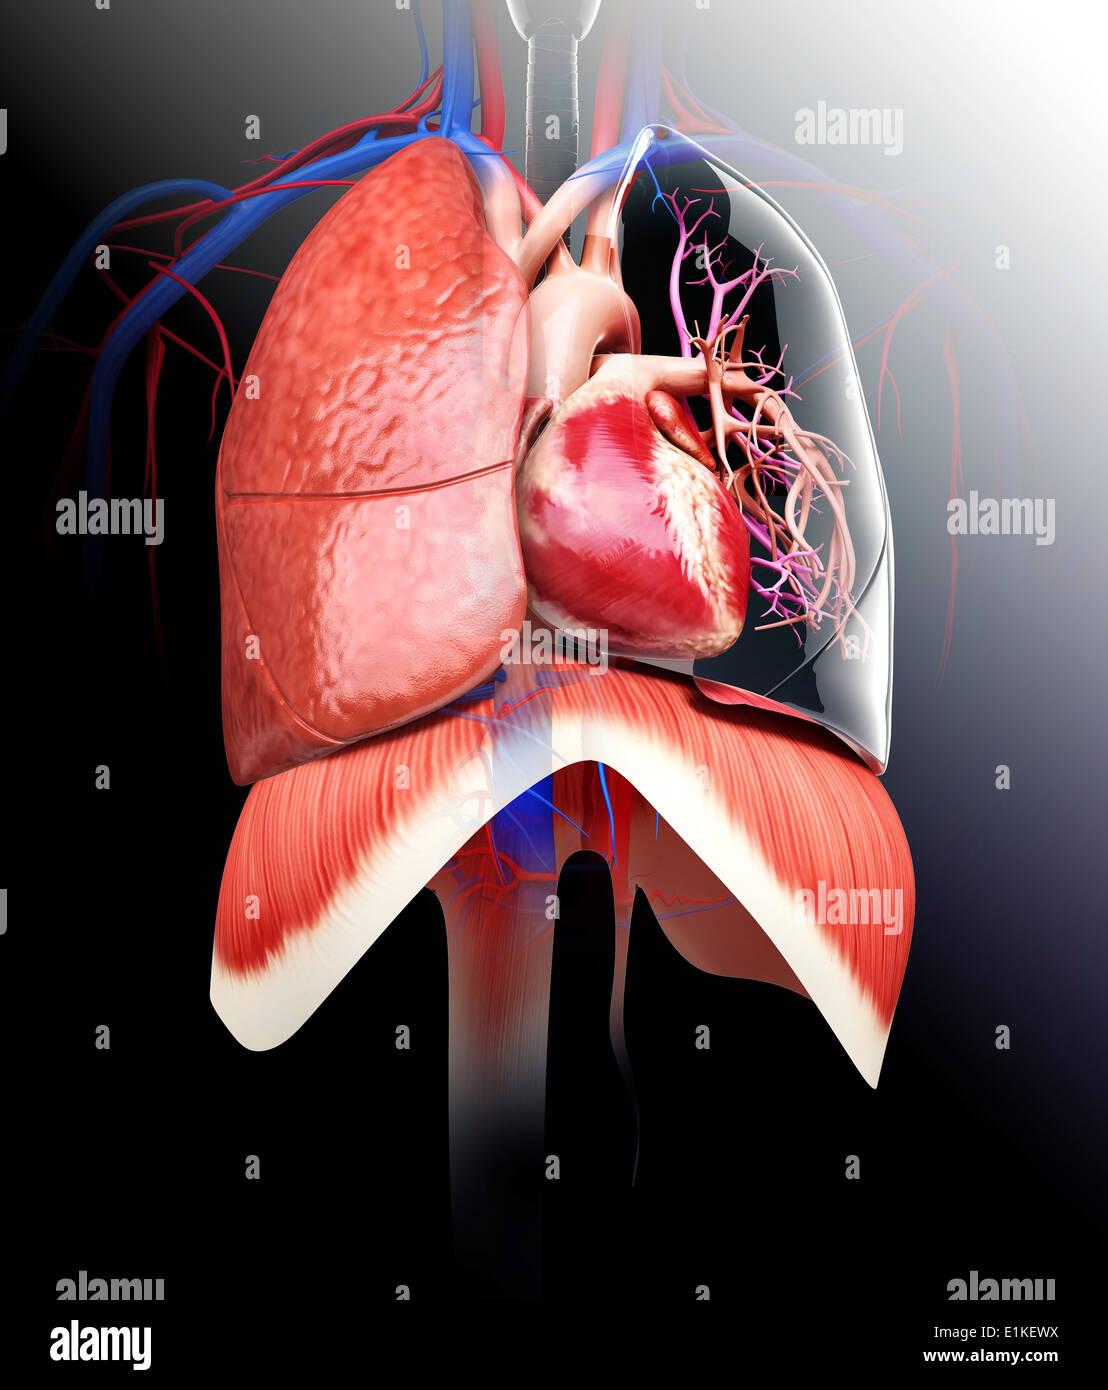 Menschliches Herz und Lunge Computer Artwork Stockfoto, Bild ...